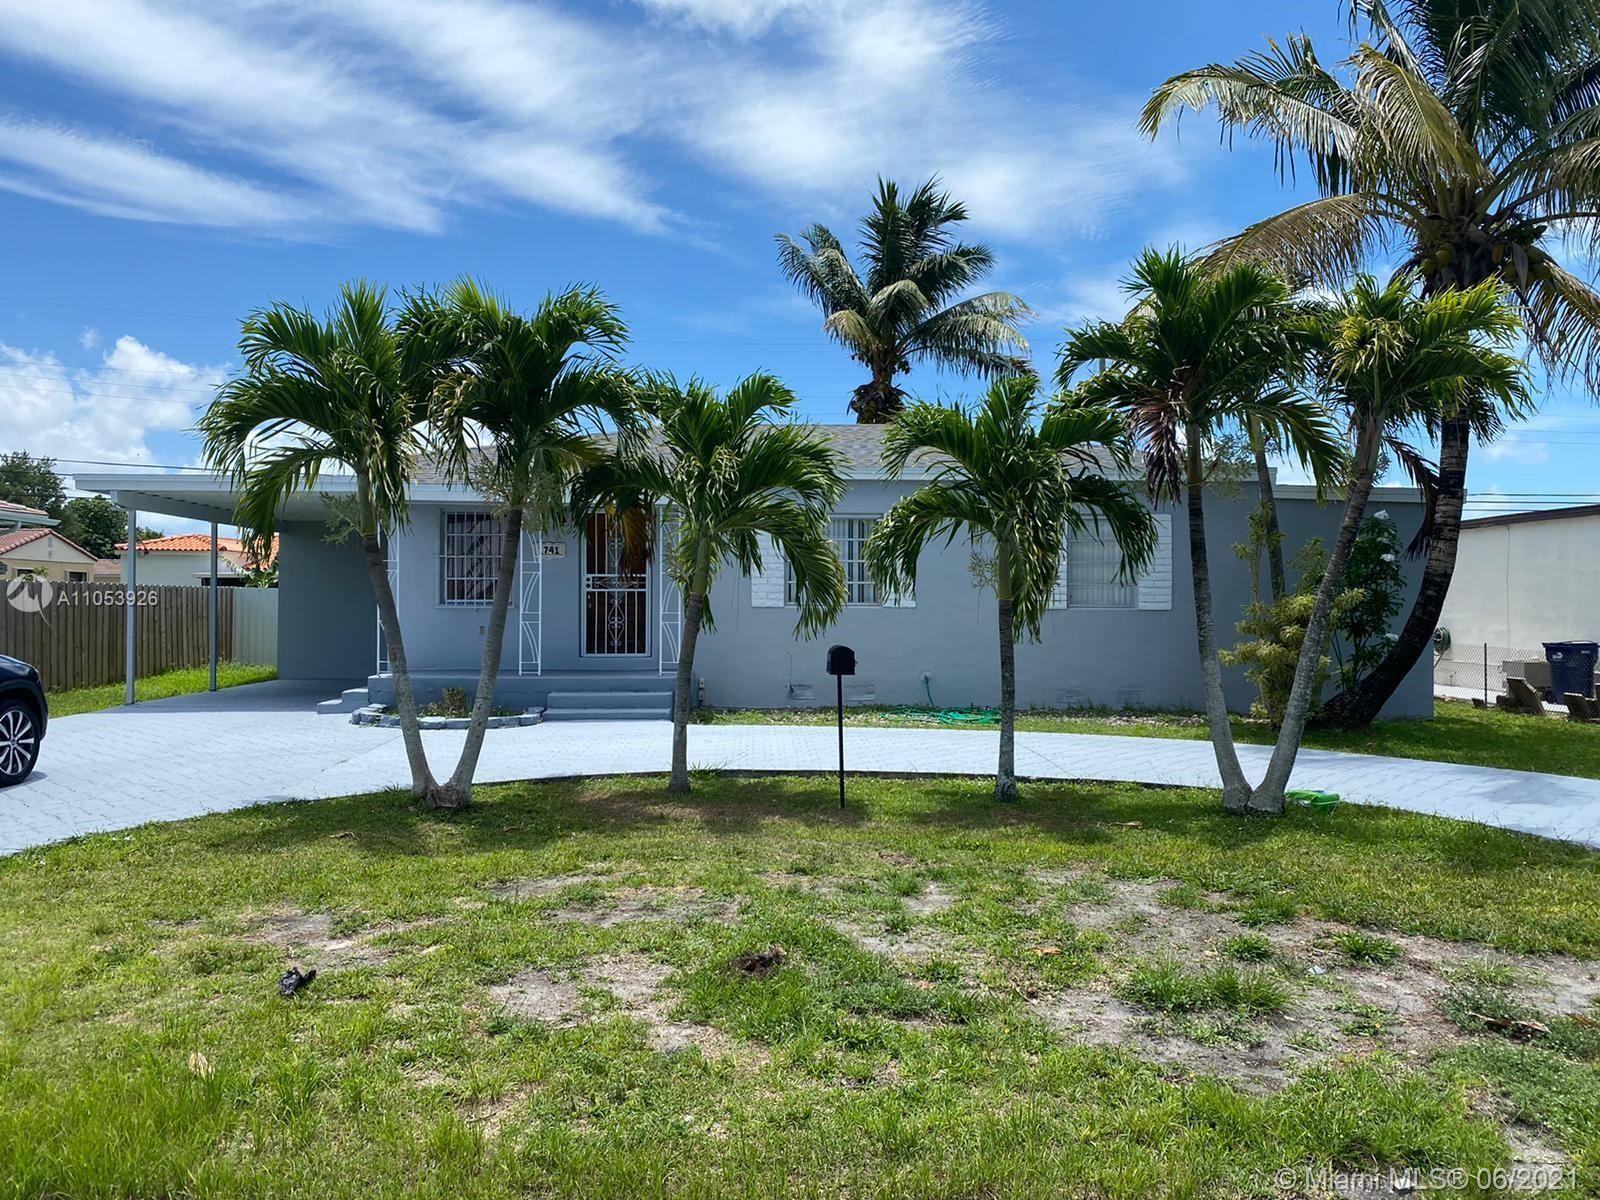 1741 SW 75th Avenue Rd, Miami, FL 33155 - #: A11053926